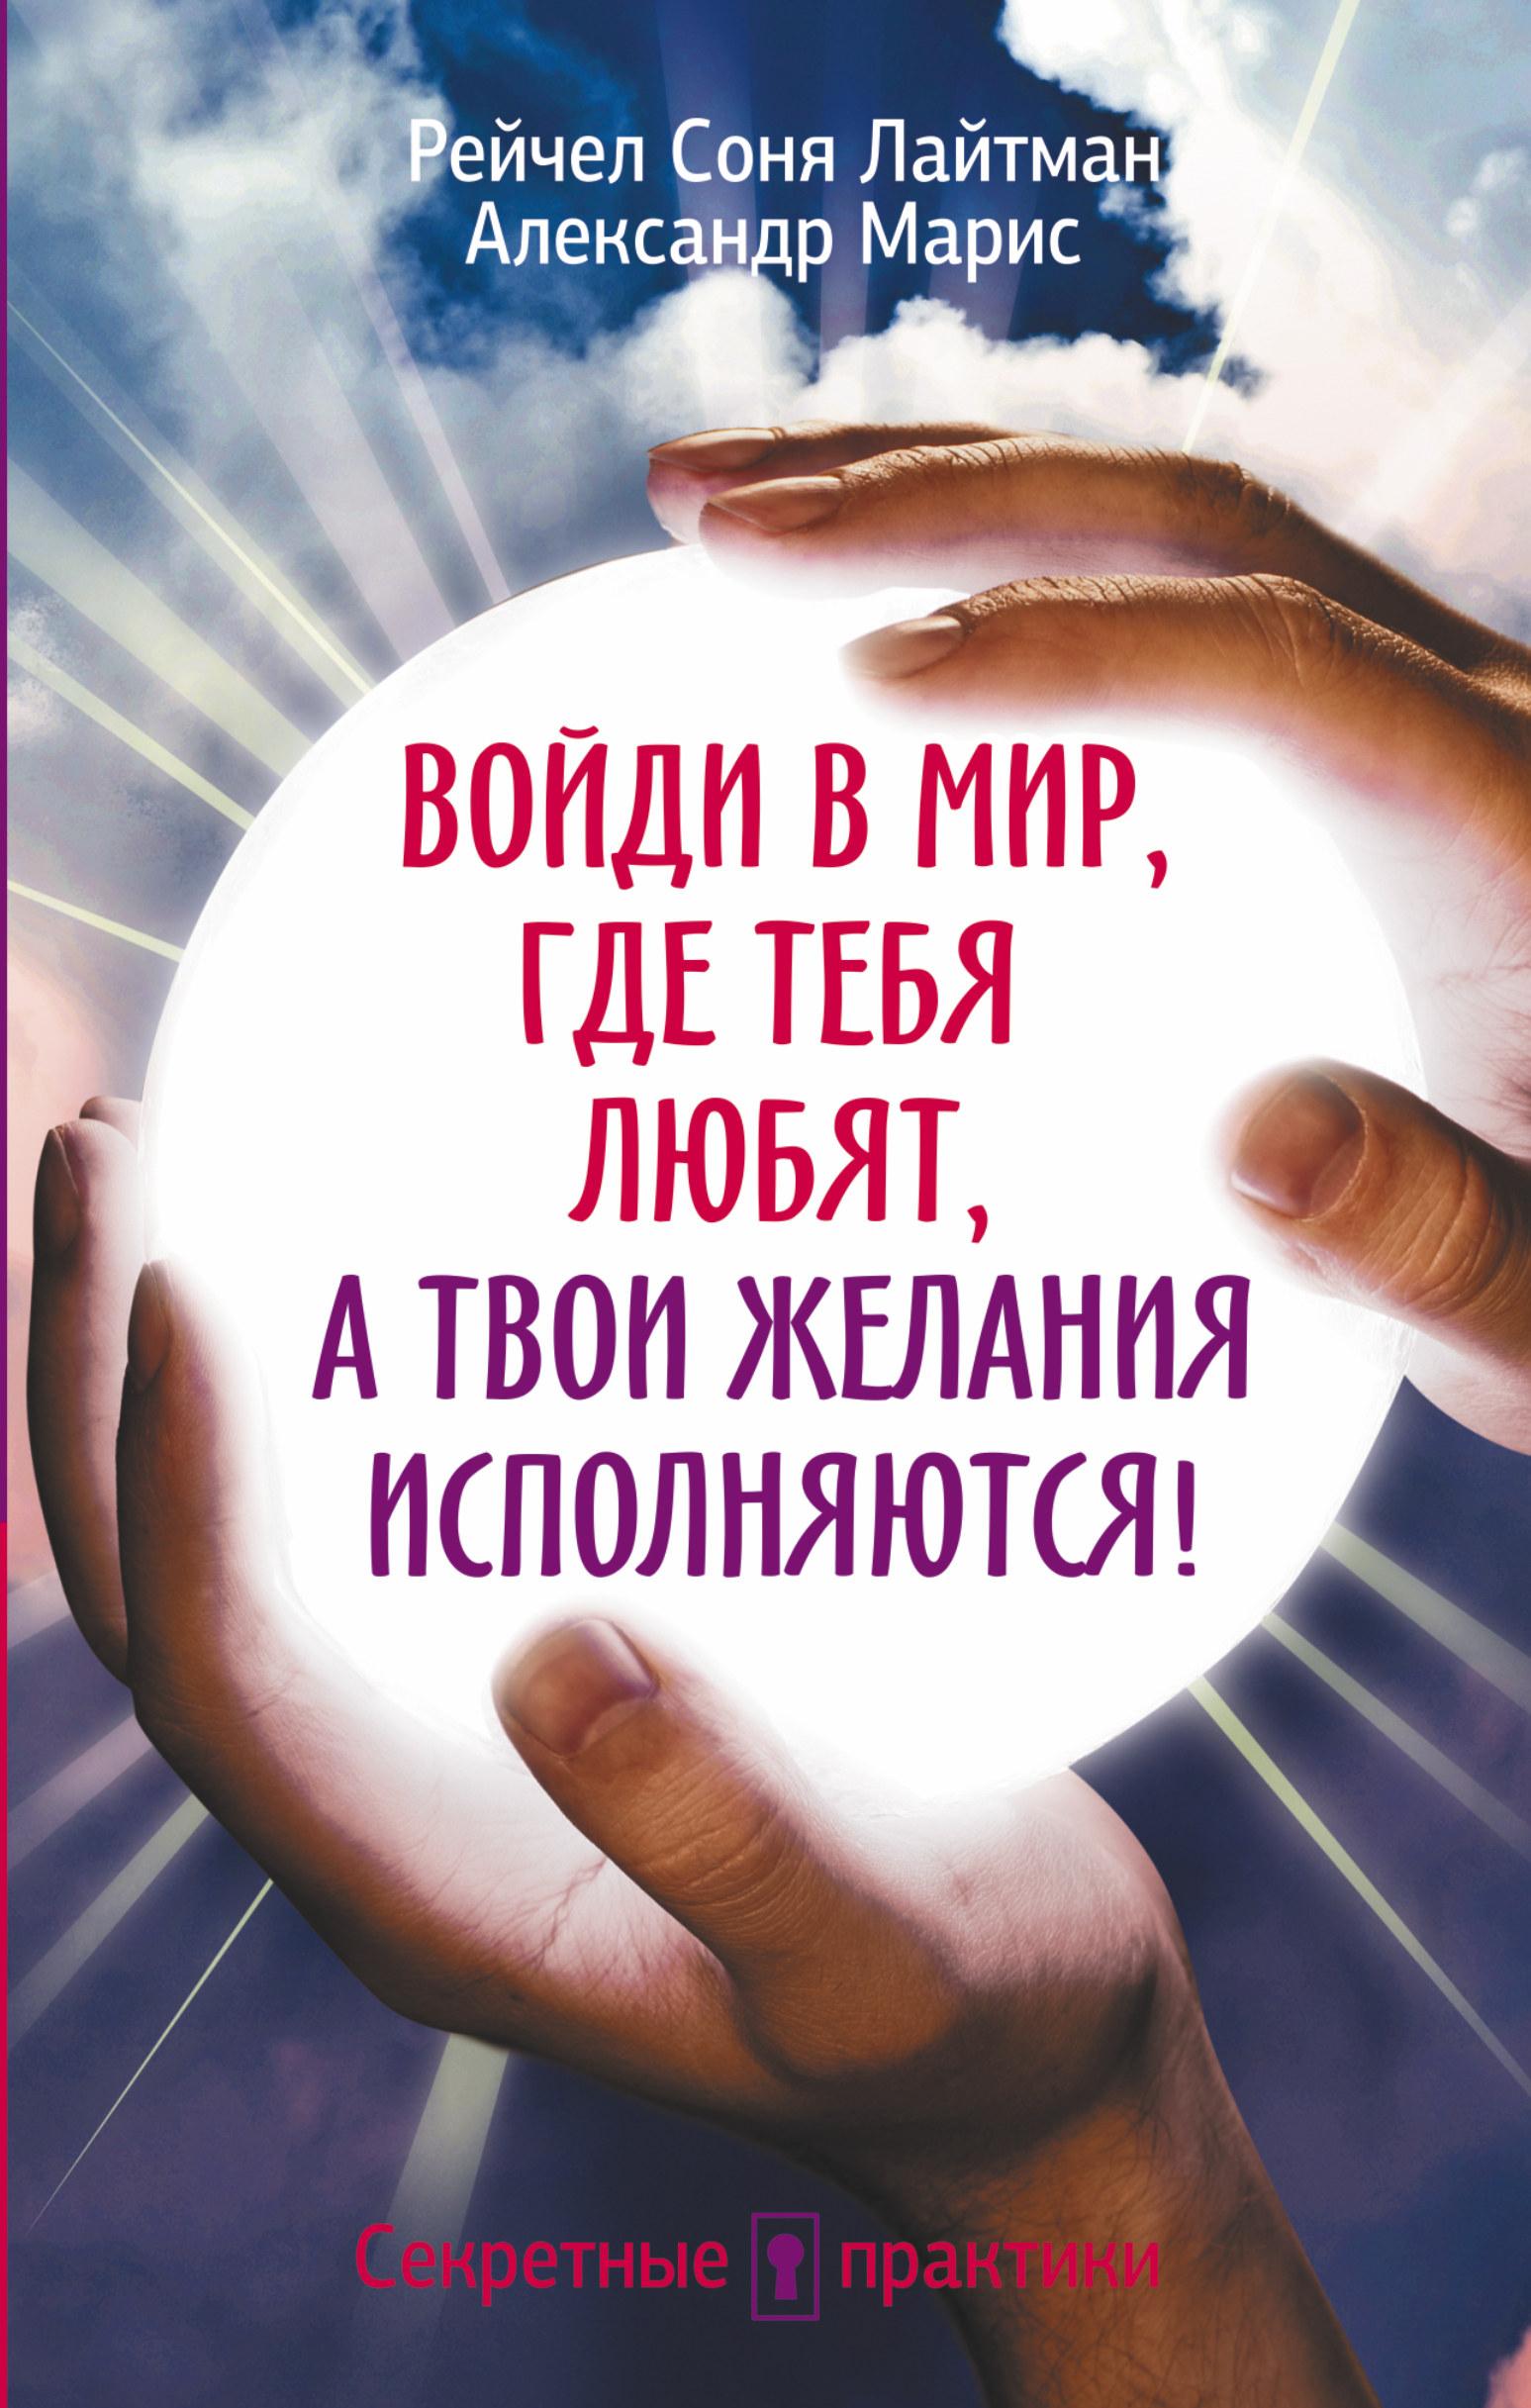 Лайтман Рейчал Соня,  Марис Александр Войди в мир, где тебя любят, а твои желания исполняются!